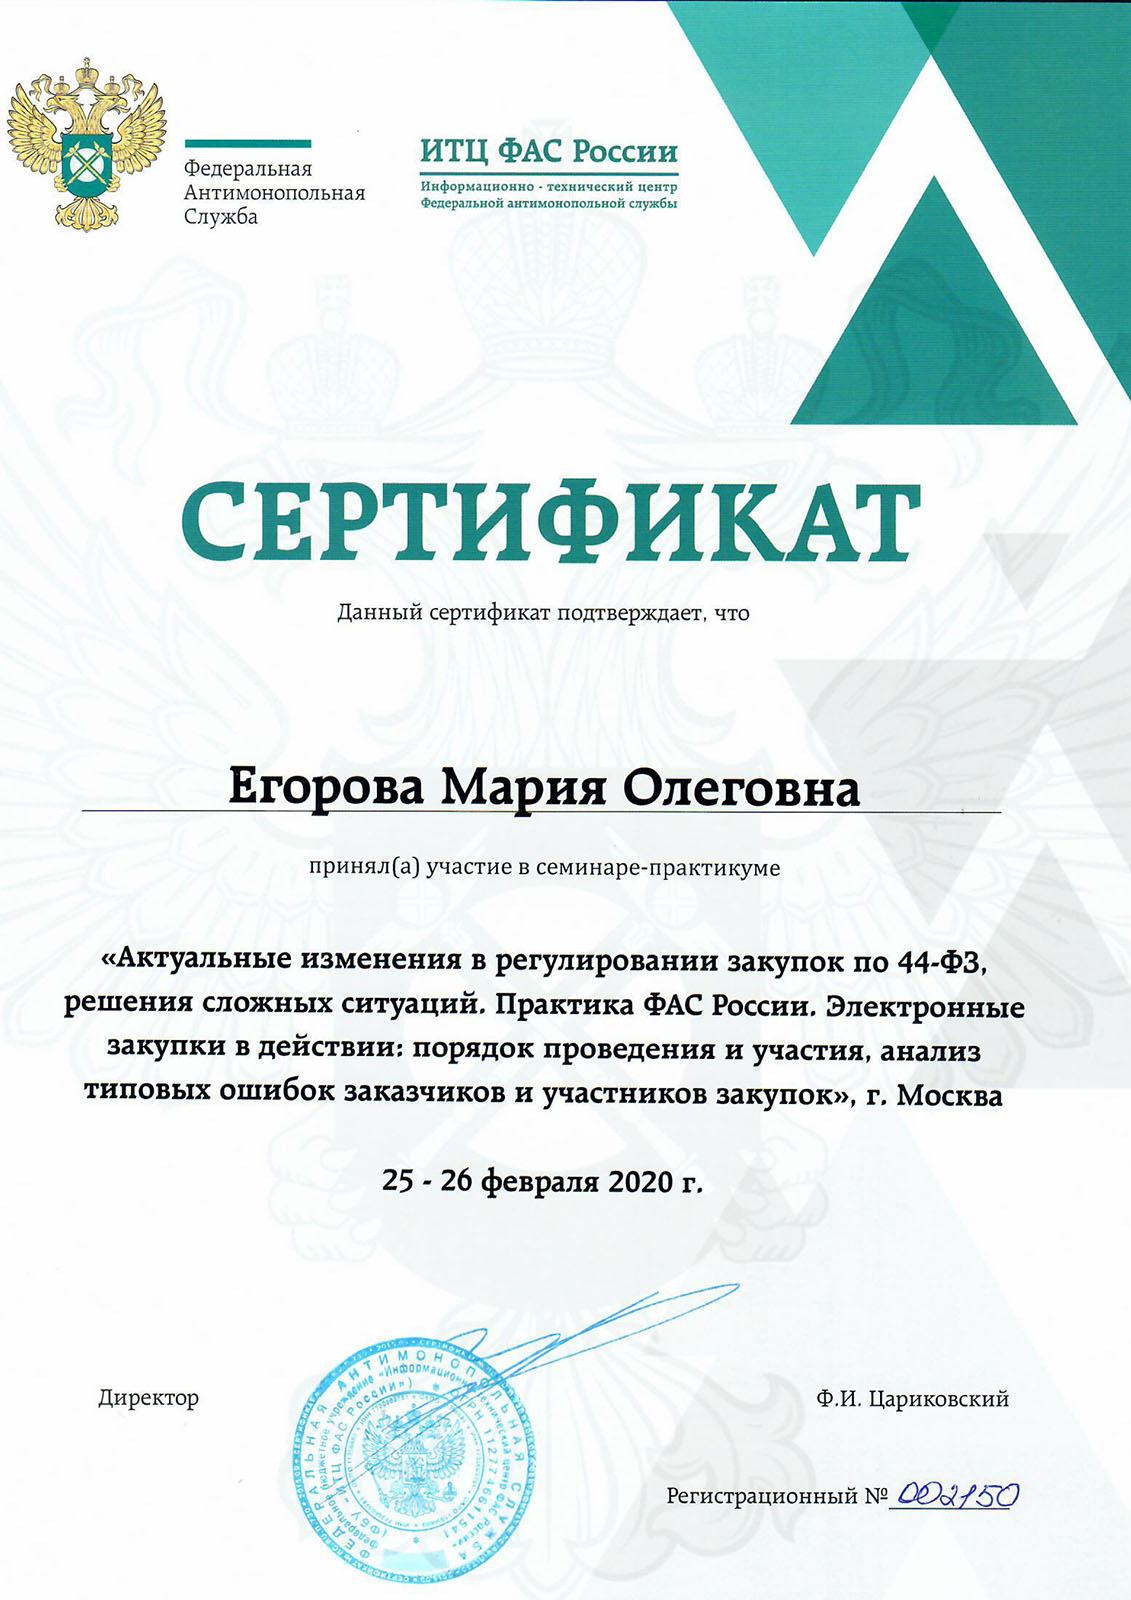 sertifikaty-zaklyucheniya - FAS-Egorova-26.02.2020